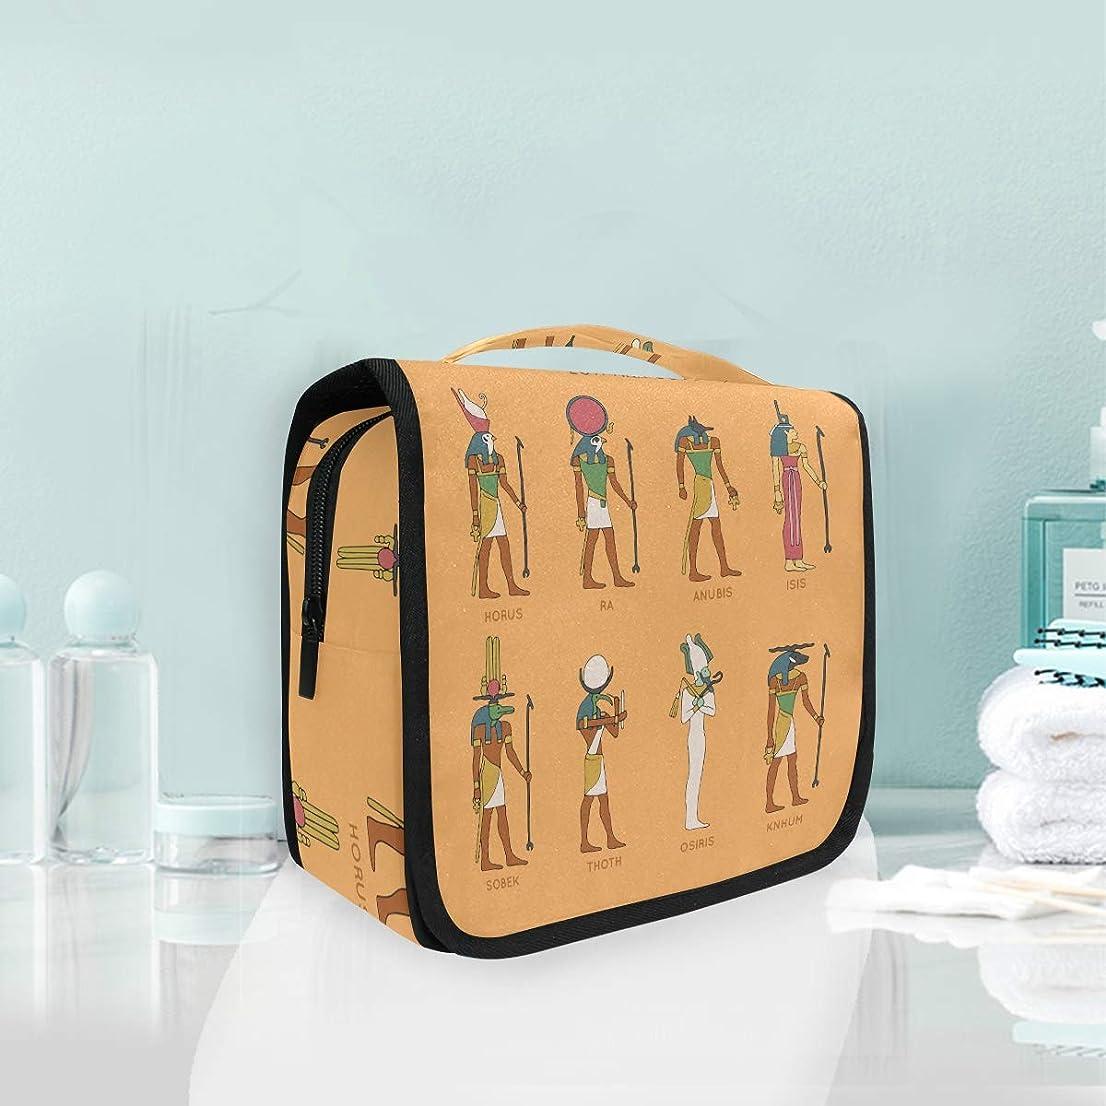 鮮やかな証明するリーズ古代エジプトの神々ぶら下げ折りたたみトイレタリー化粧品化粧バッグ旅行キットオーガナイザー収納ウォッシュバッグケース用女性女の子浴室